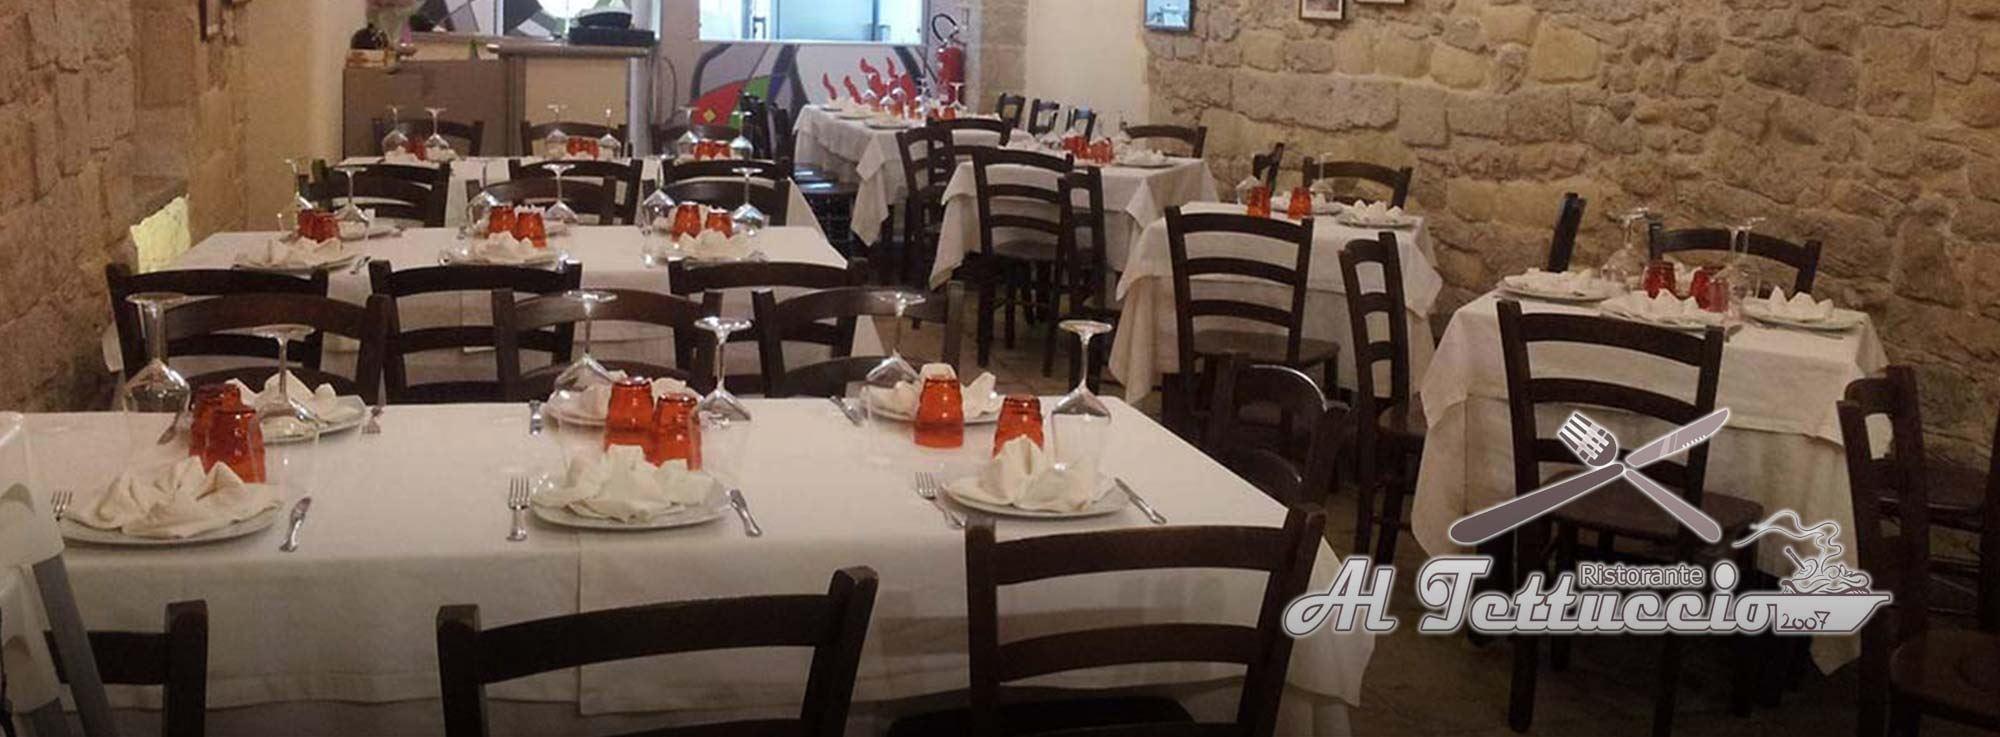 Ristorante al tettuccio barletta bt ristorante e pizzeria - Buon pranzo in spagnolo ...